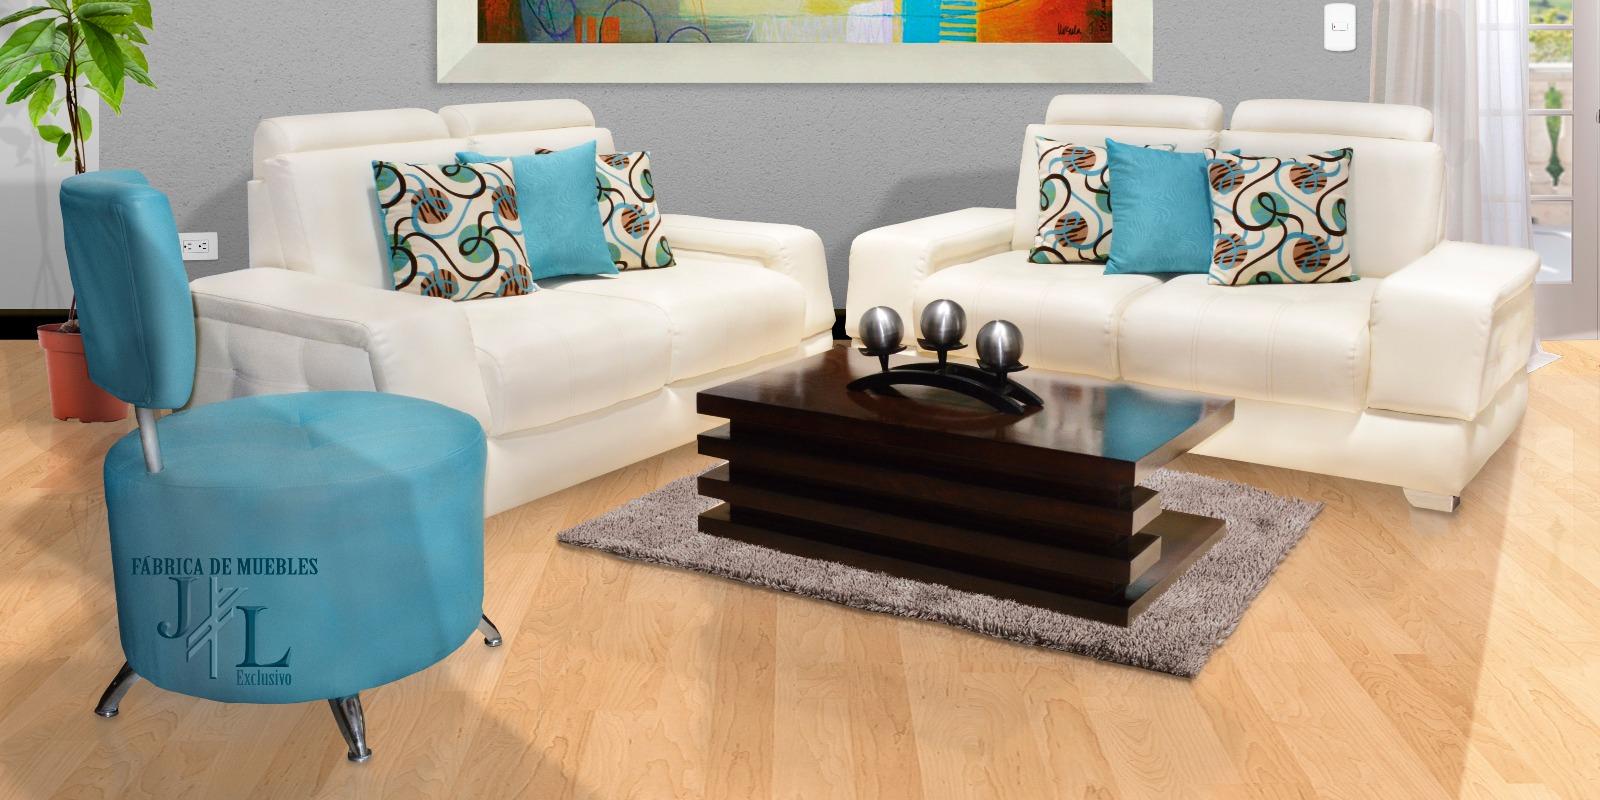 Juego de sala vallery muebles jl exclusivo for Juego de muebles para sala modernos